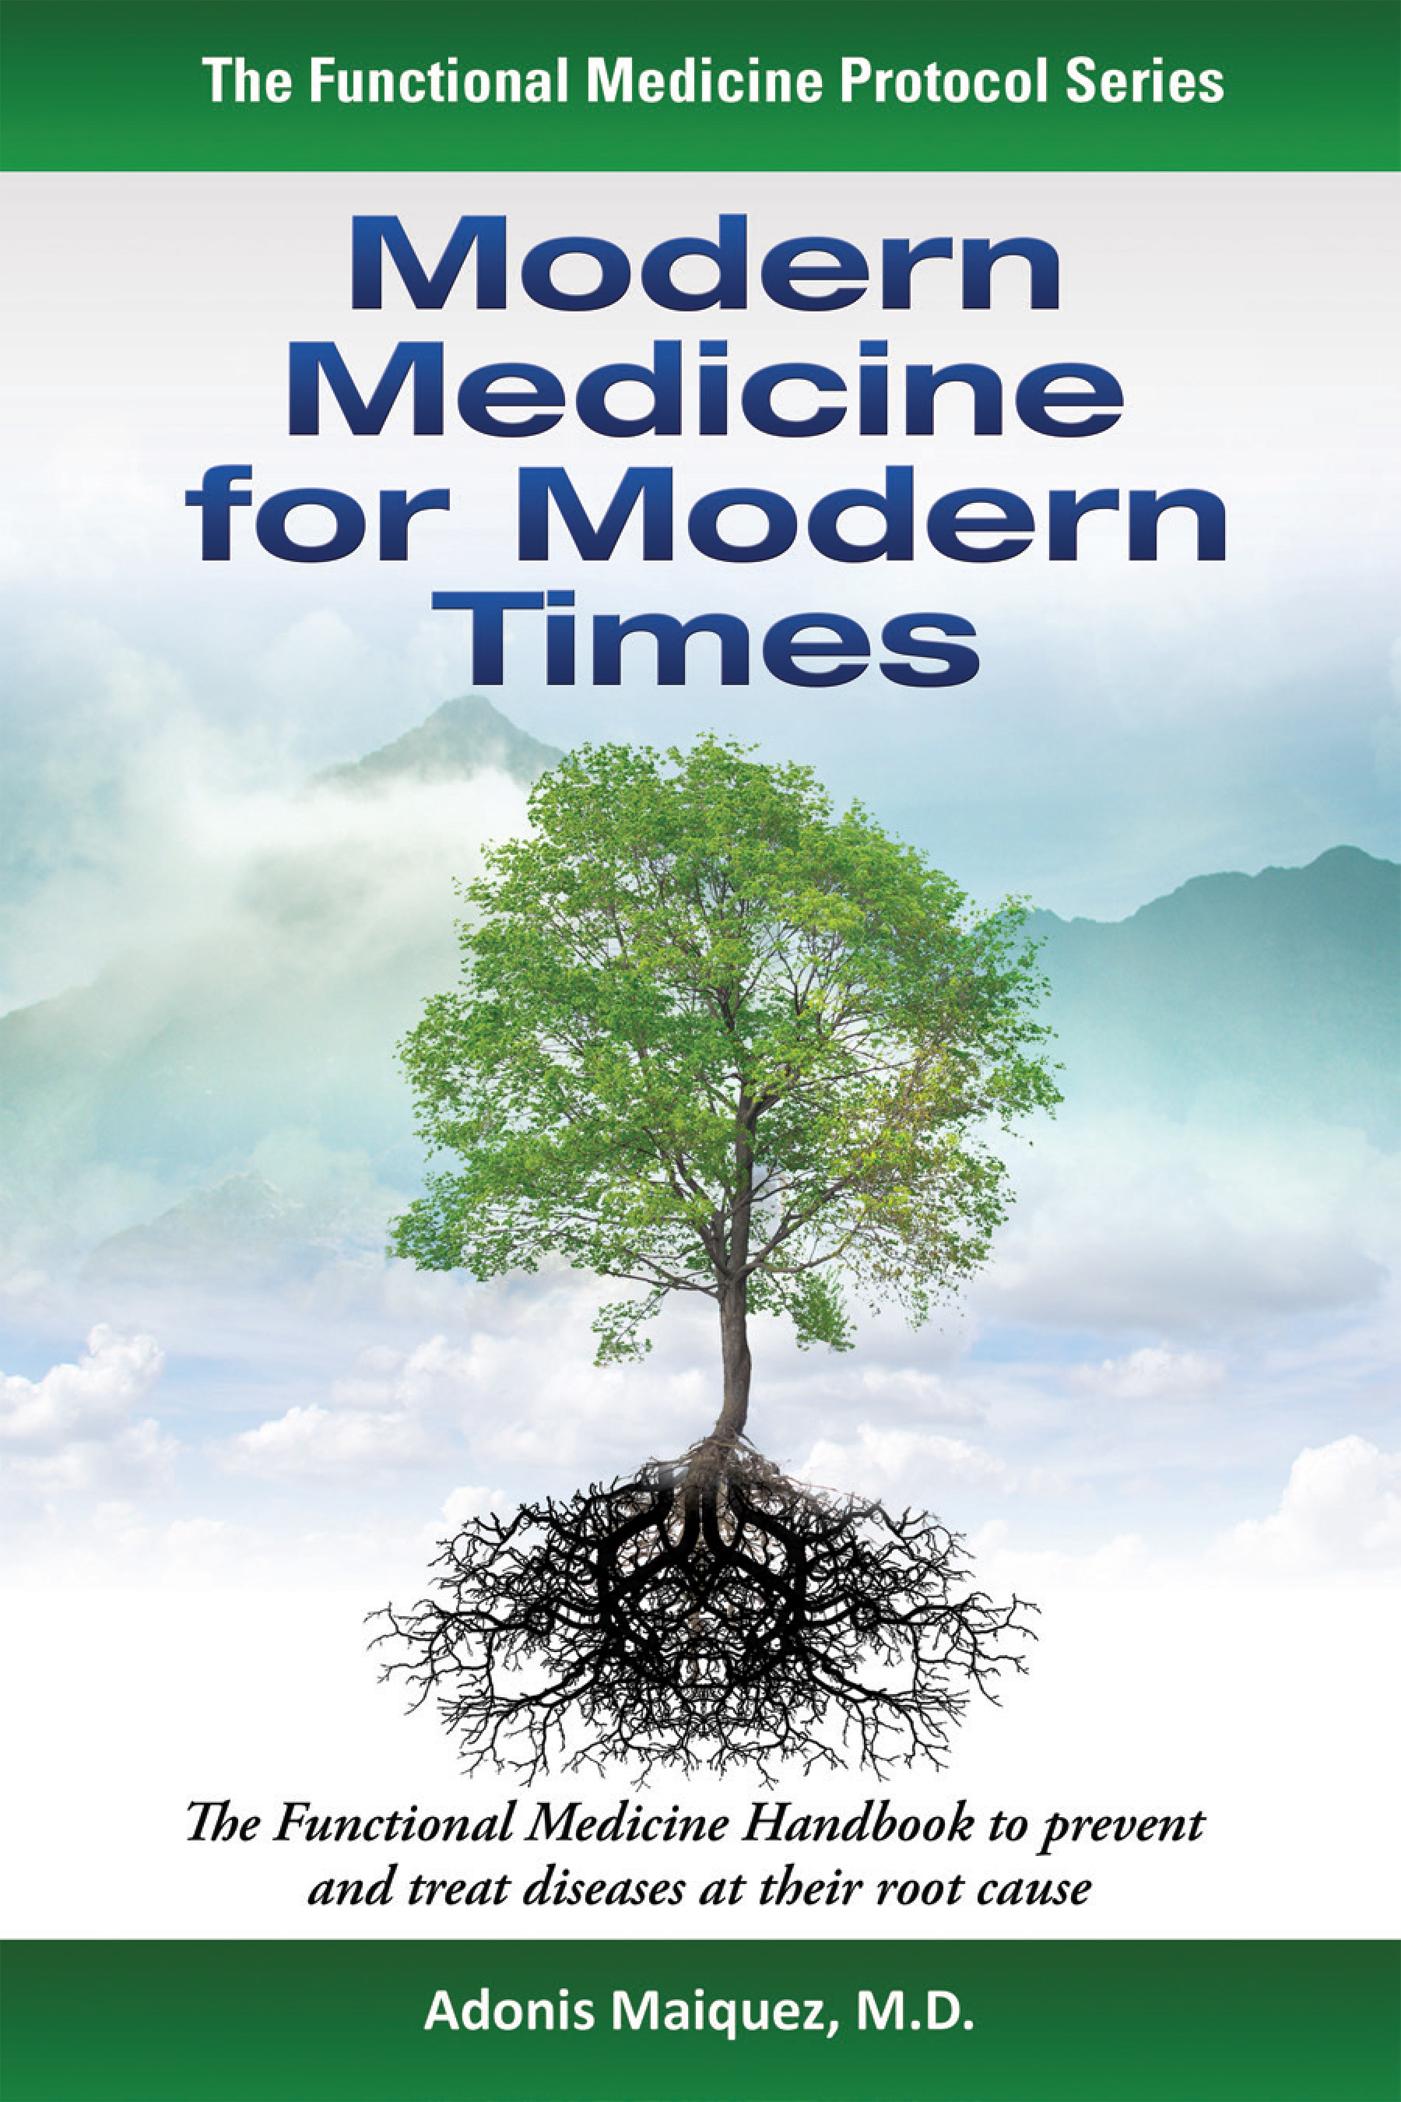 Medicina Moderna para los Tiempos Modernos: El Manual de Medicina Funcional para Prevenir y Tratar Enfermedades Desde su Origen  by  Adonis Maiquez